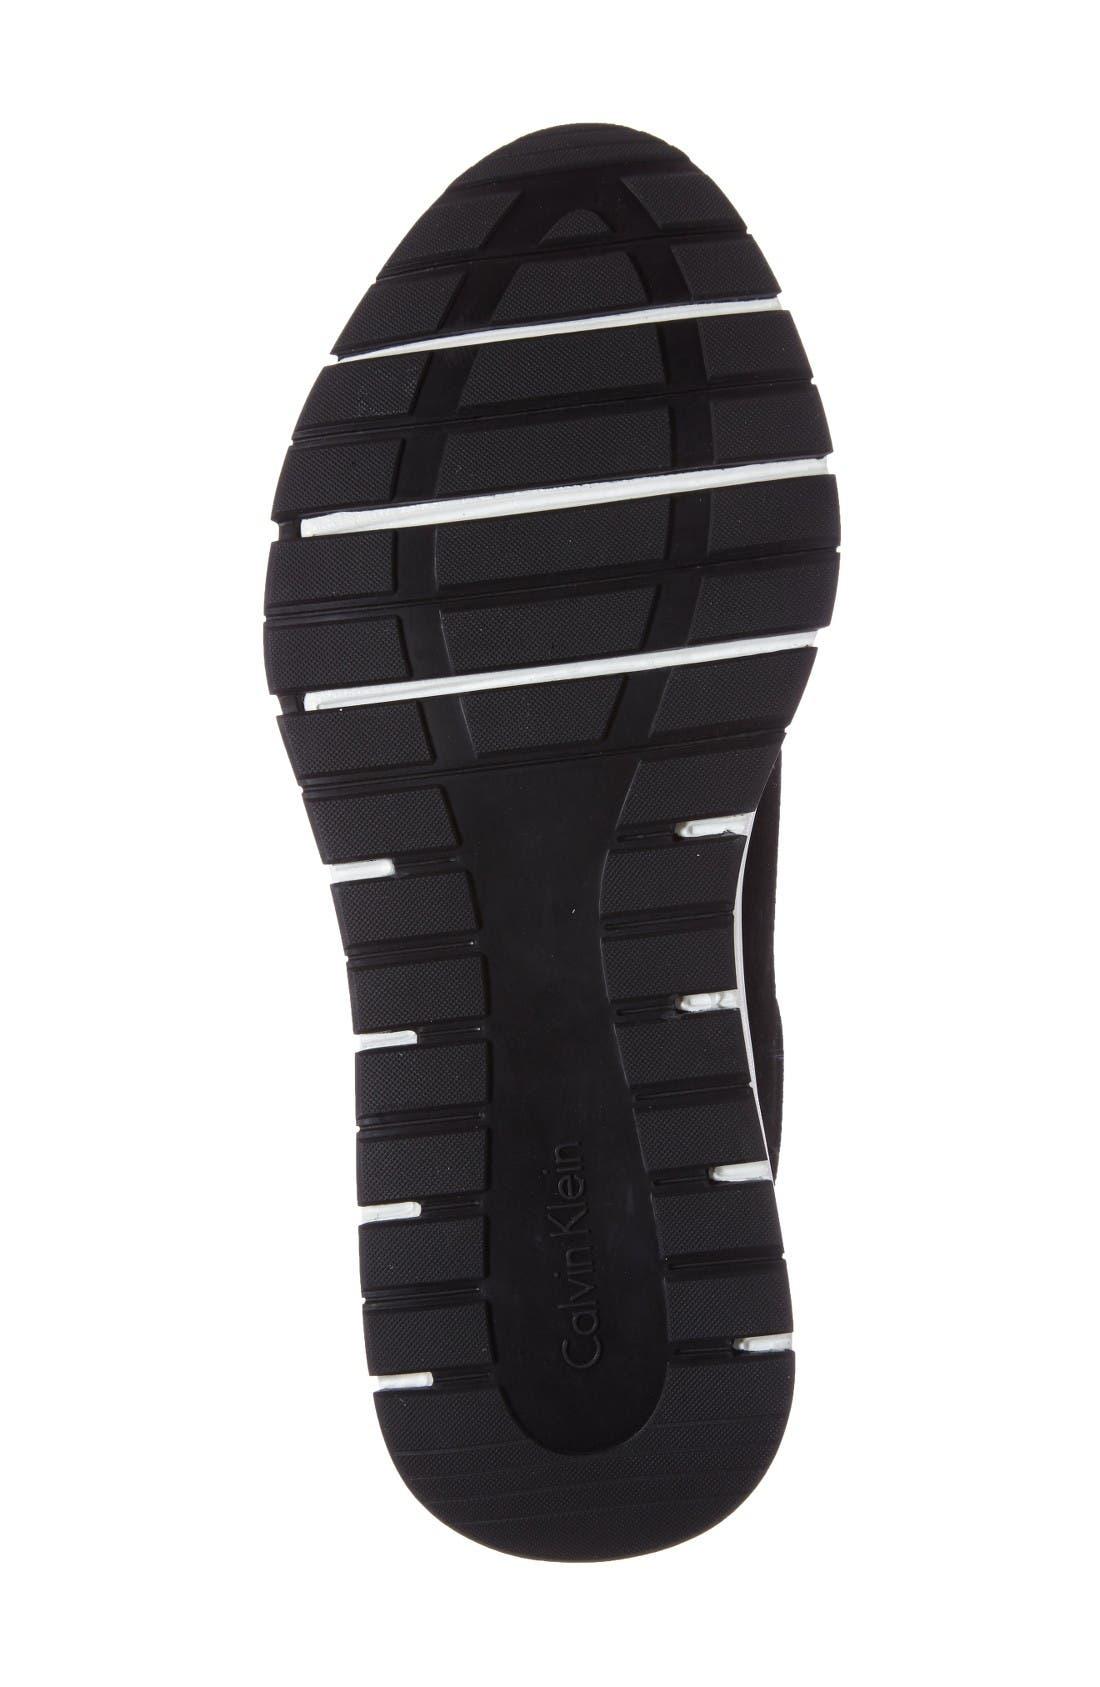 Kingsley Chukka Sneaker,                             Alternate thumbnail 4, color,                             Black